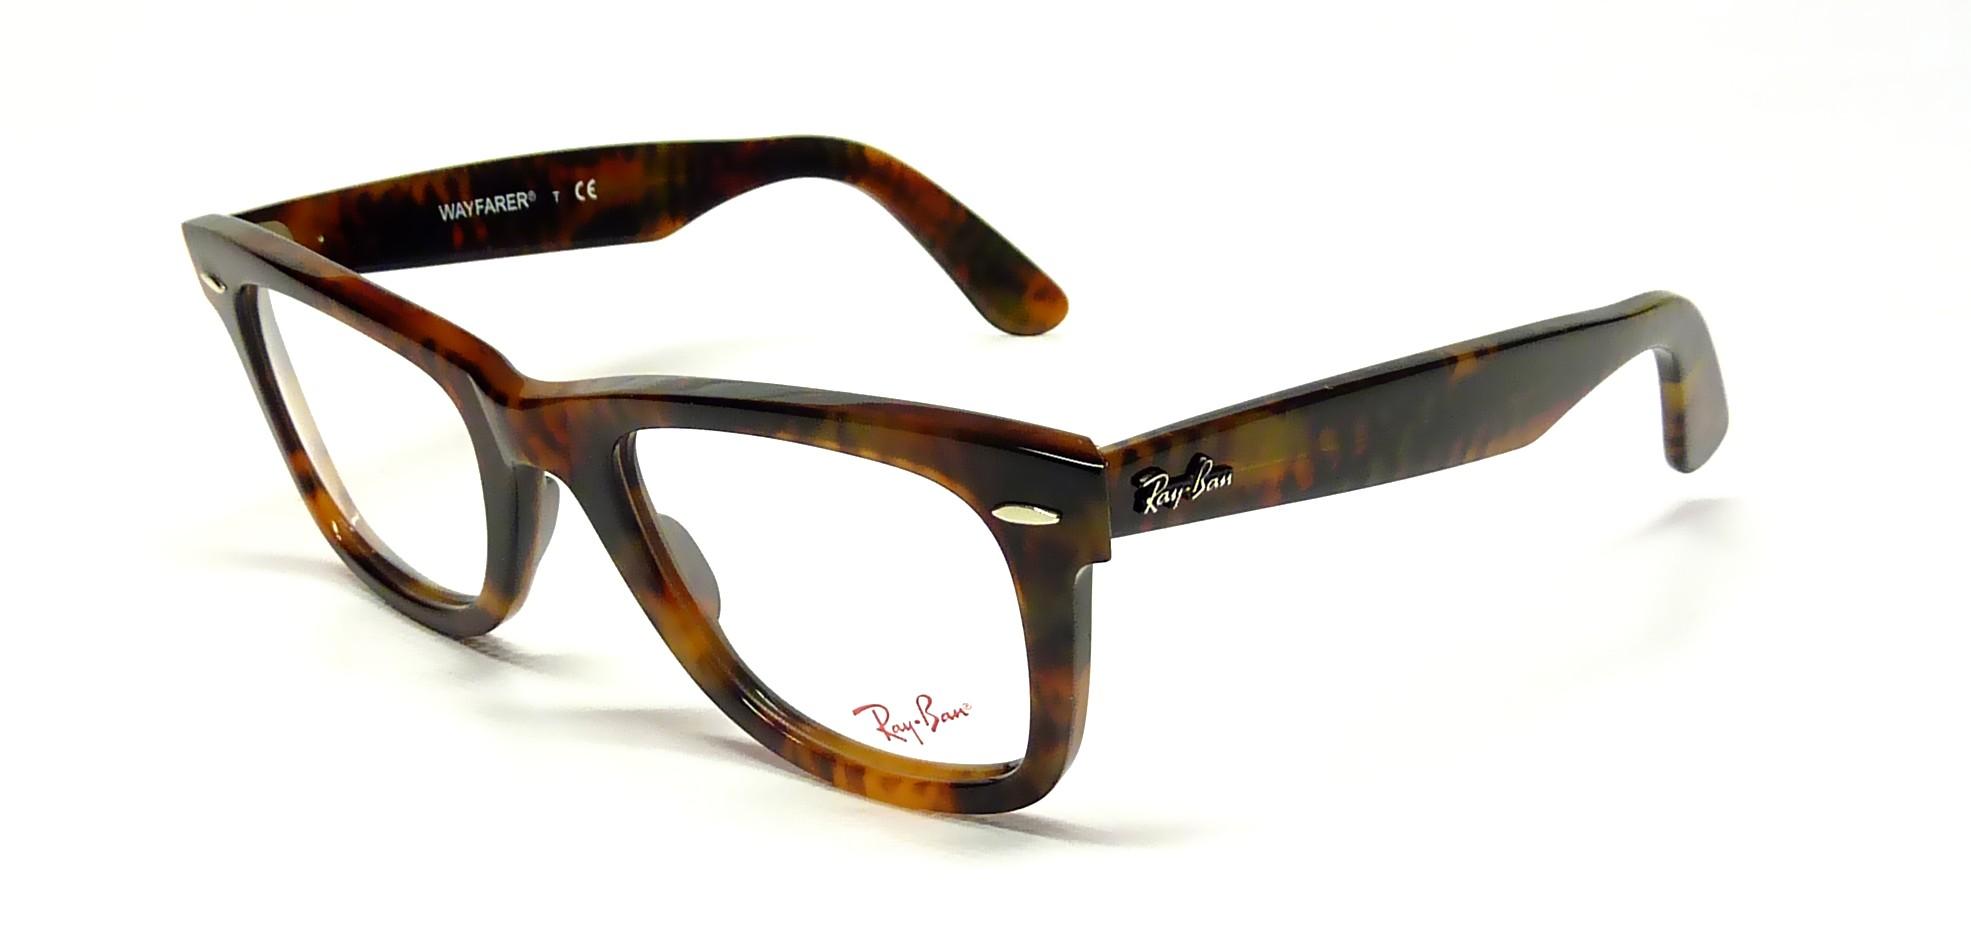 Eyeglass Frame Outlet : Ray-ban Designer Glasses Rx5121 www.tapdance.org